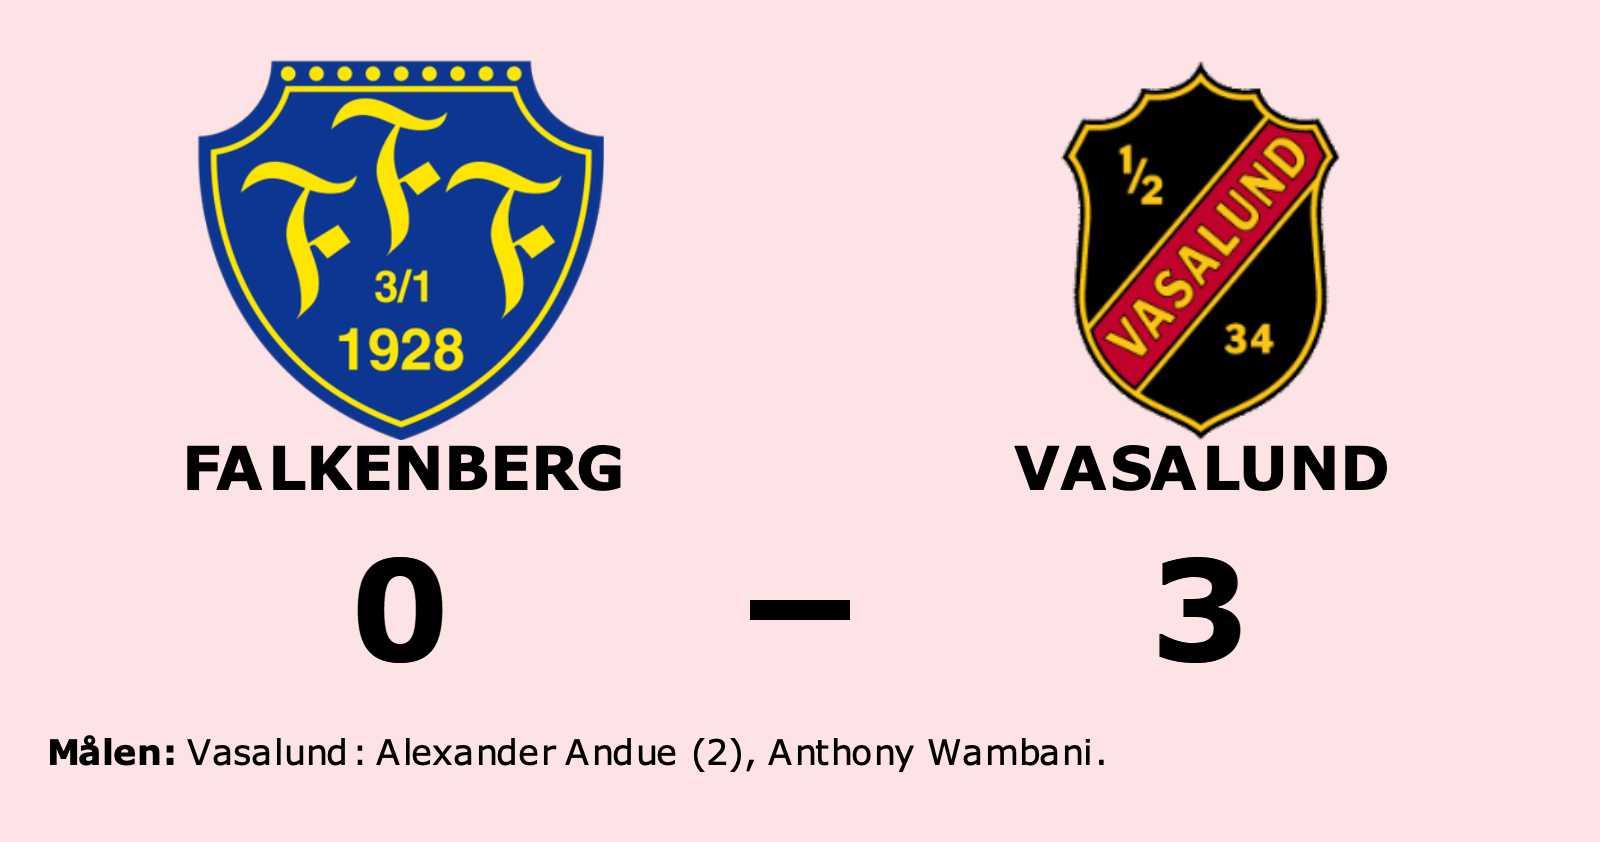 Andue gjorde två mål när Vasalund vann